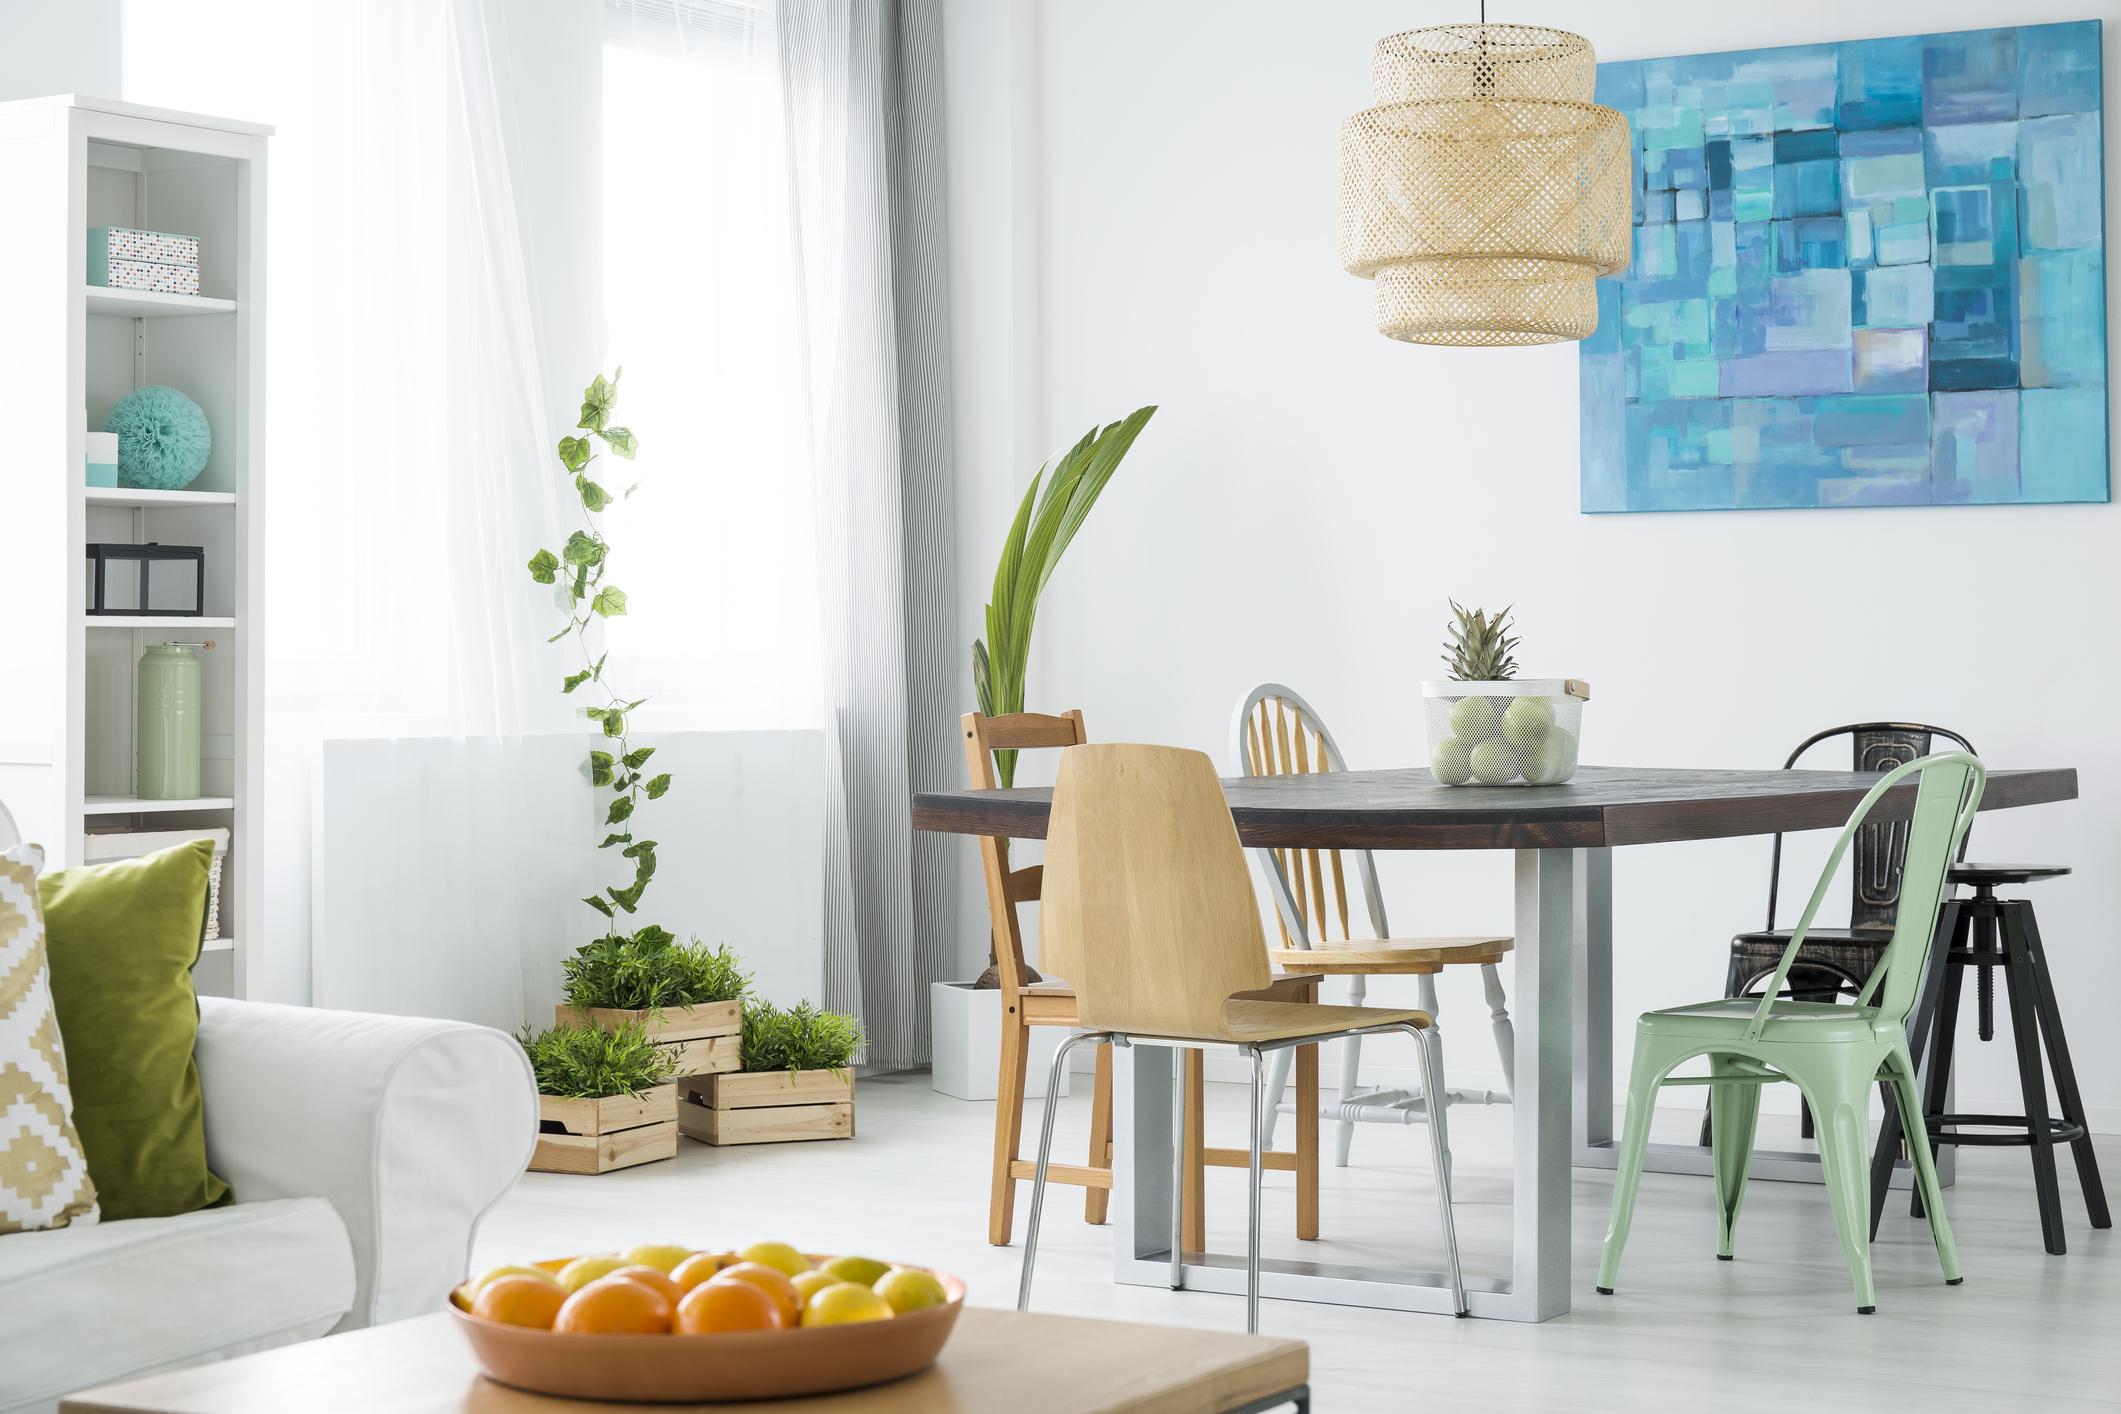 Може да съчетаете различни мебели в дневната си. Столовете може да са в различни цветове и дори форми. Така ще изградите една много свежа, по-младежка и оригинална обстановка, а гостите ви със сигурност ще ви поздравят за отличния вкус.